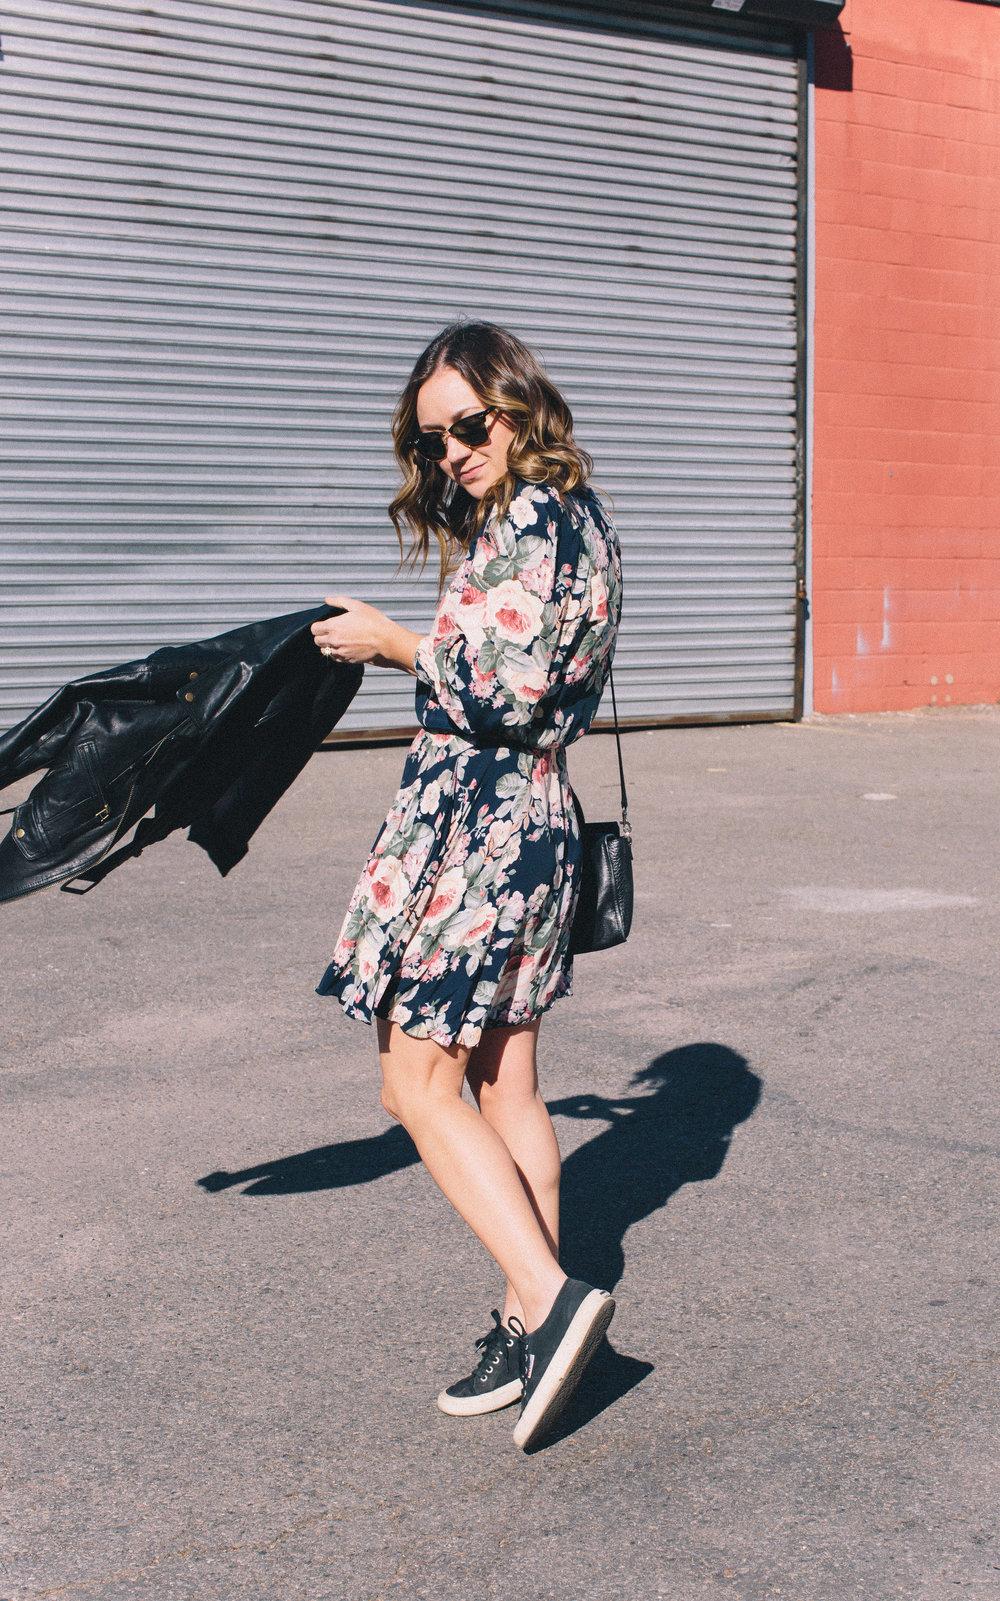 fizz-fade-vintage-floral-dress-9.jpg